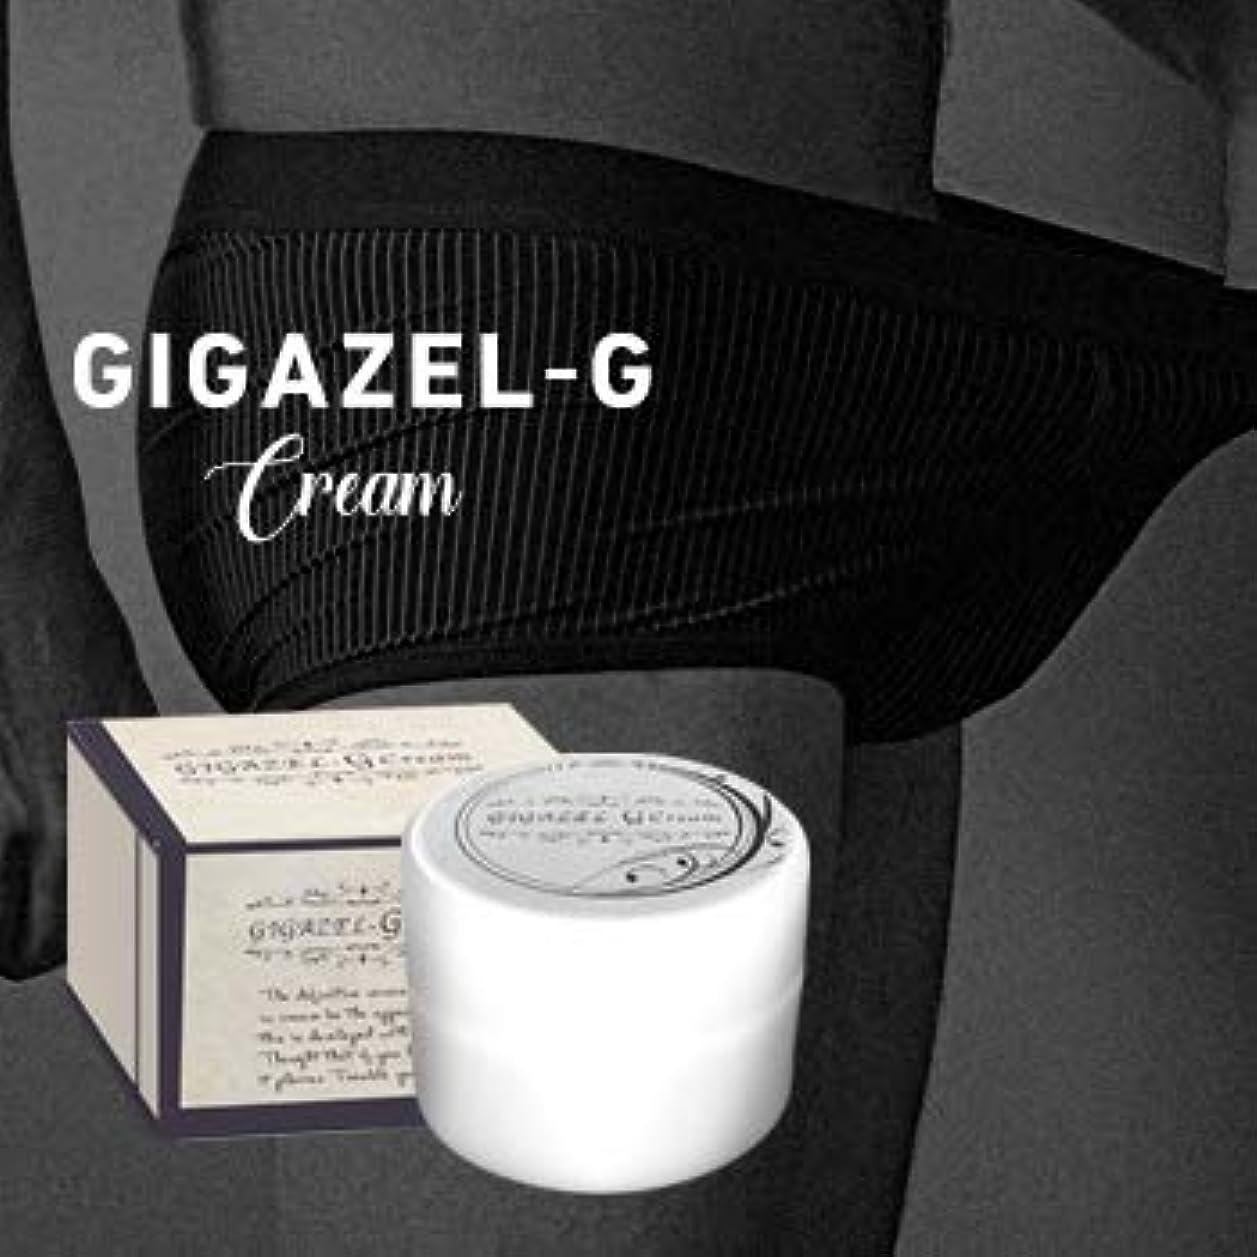 構想する可能性襟GIGAZEL-G-Cream(ギガゼルGクリーム)~男性用ボディクリーム~